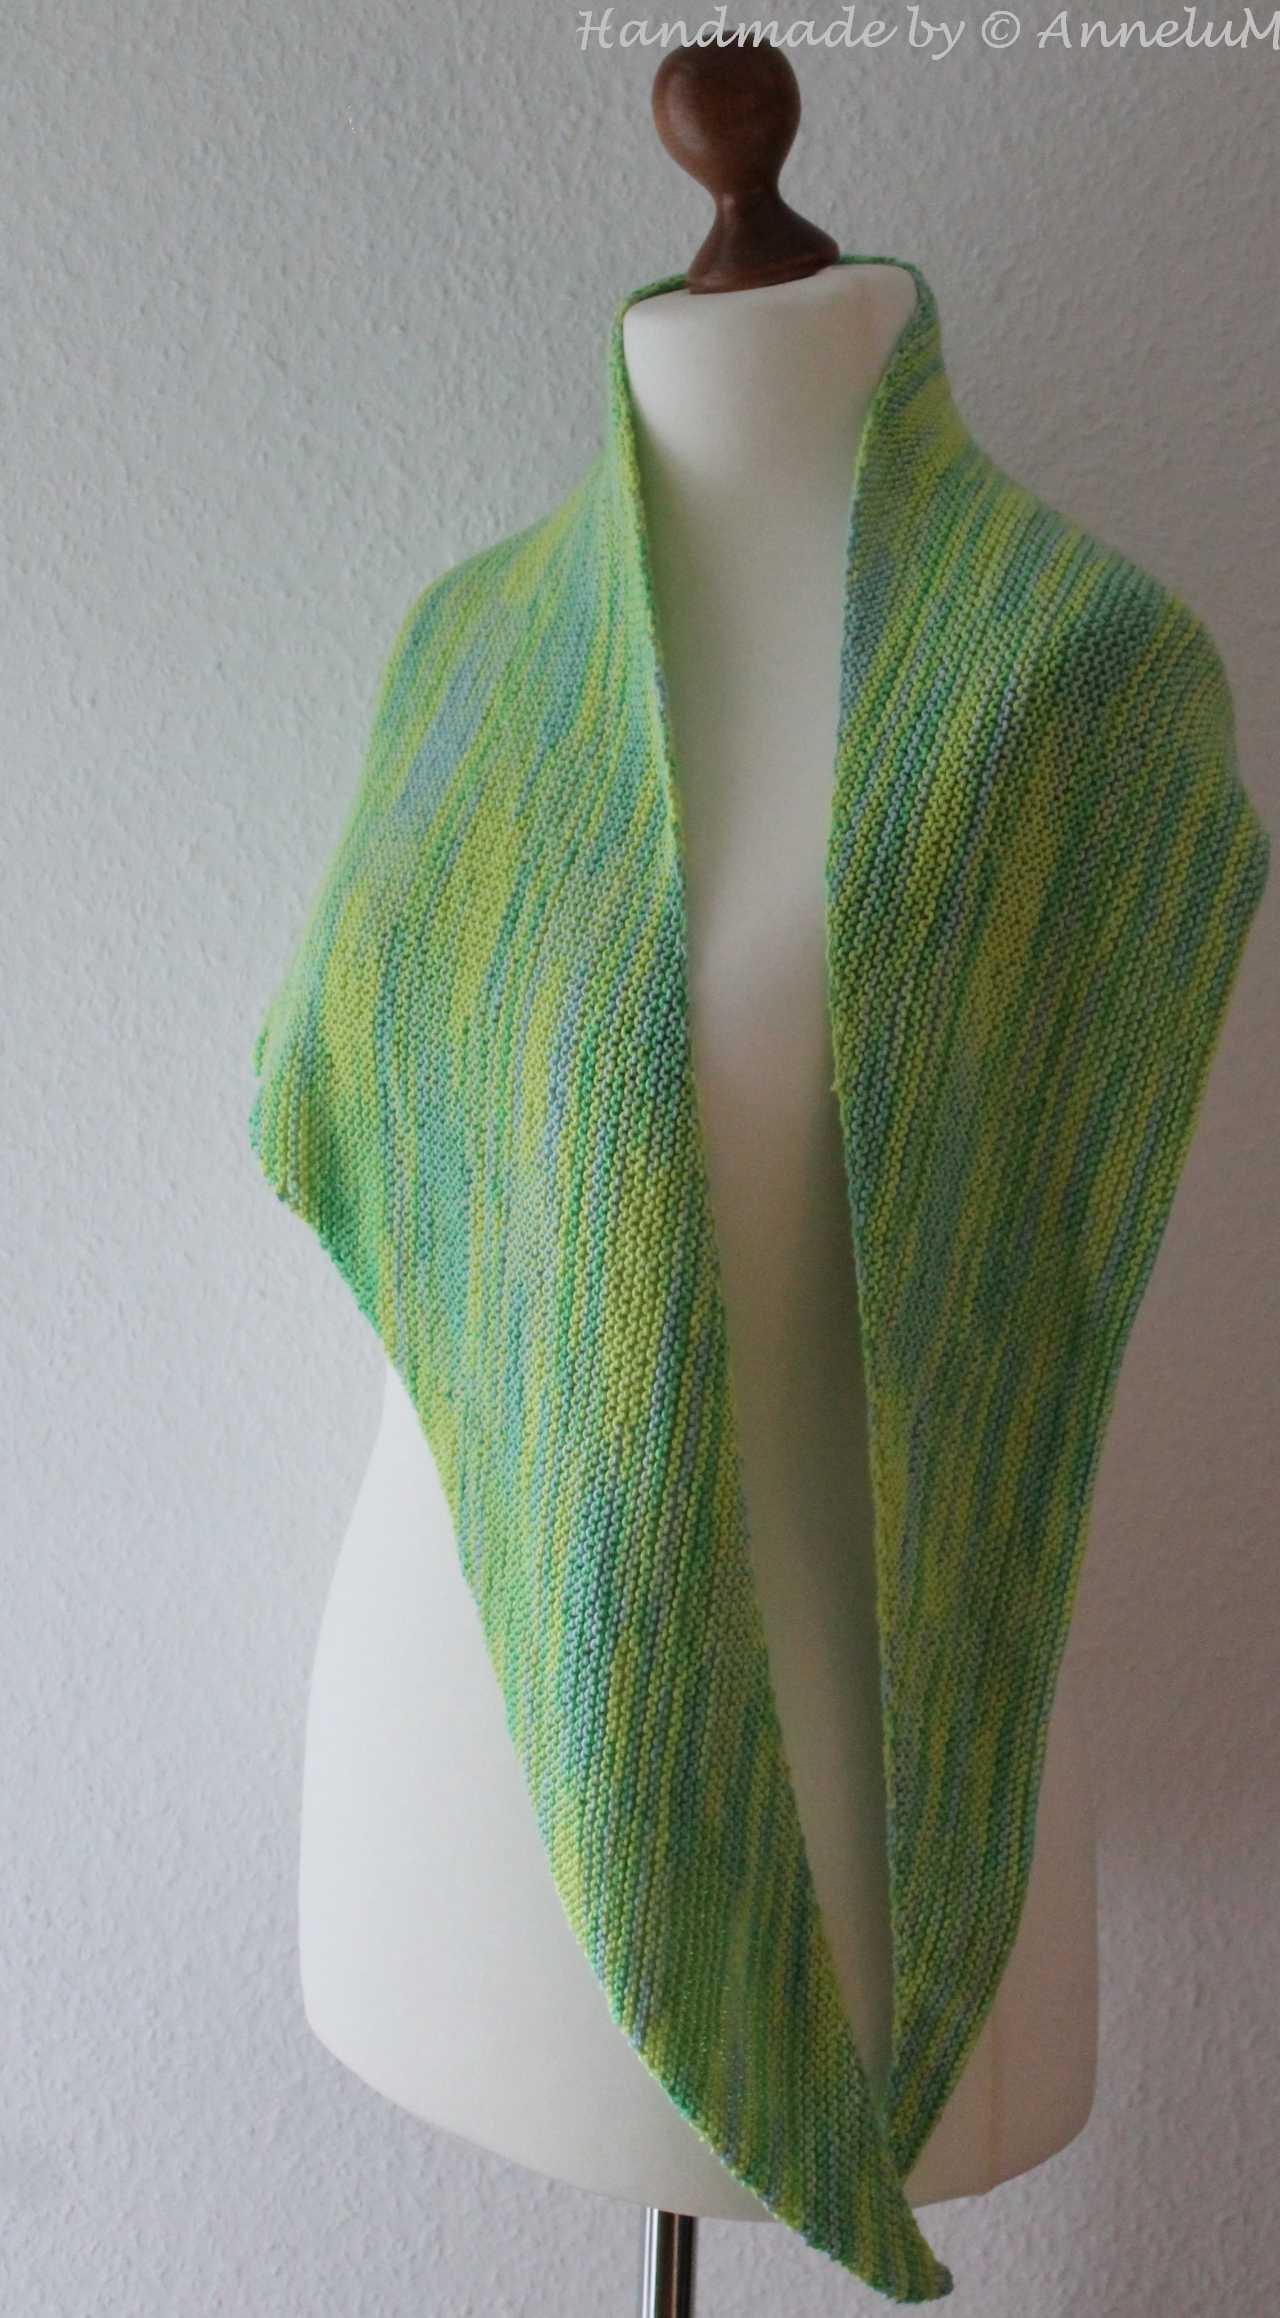 Boomerang Shawl Handmade by AnneluM